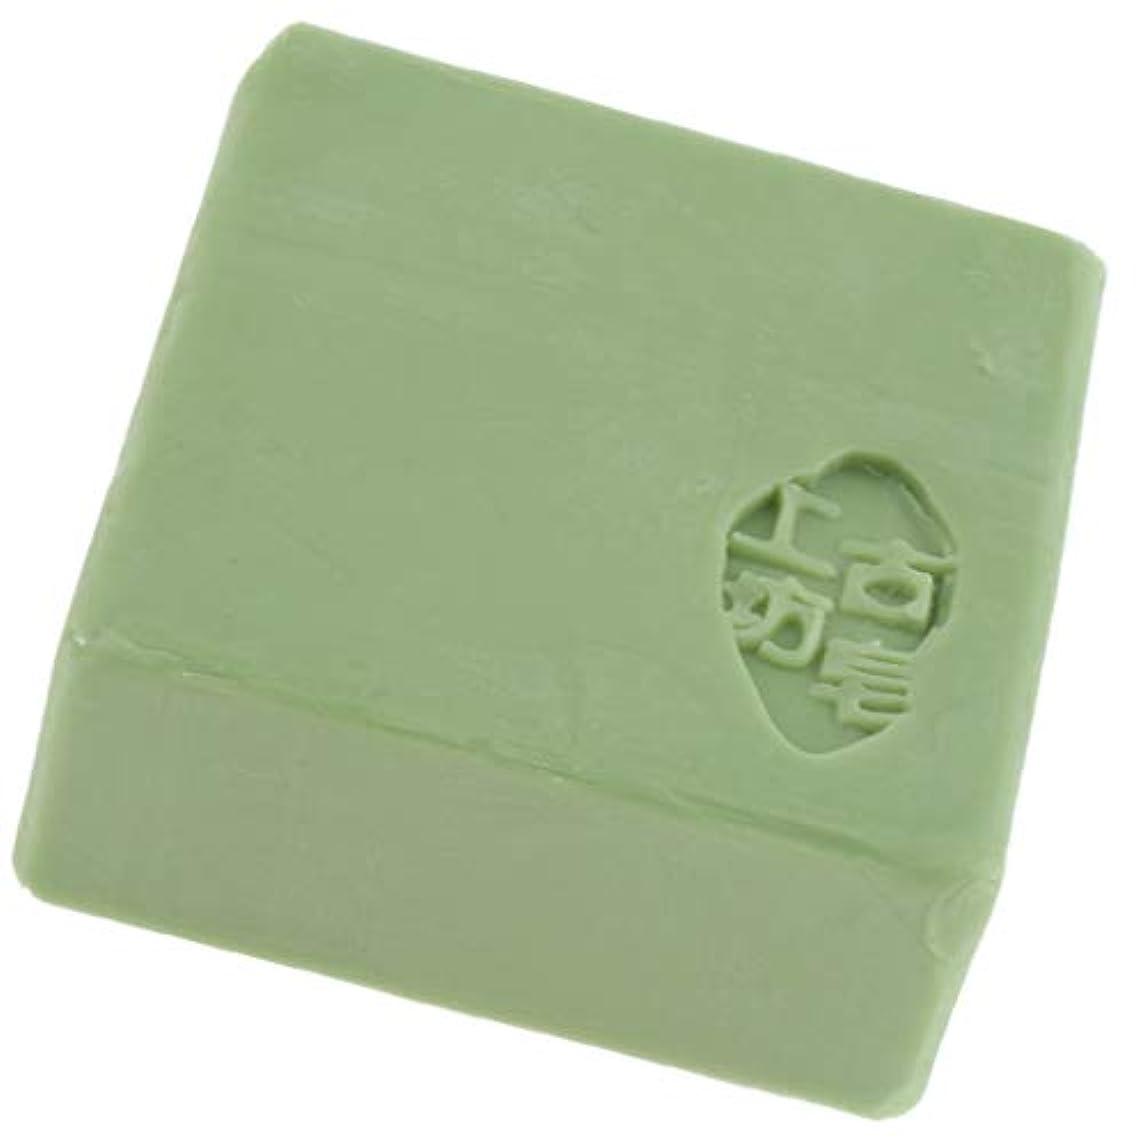 人道的ラダ焦げバス スキンケア フェイス ボディソープ 石鹸 保湿 好意 全3色 - 緑